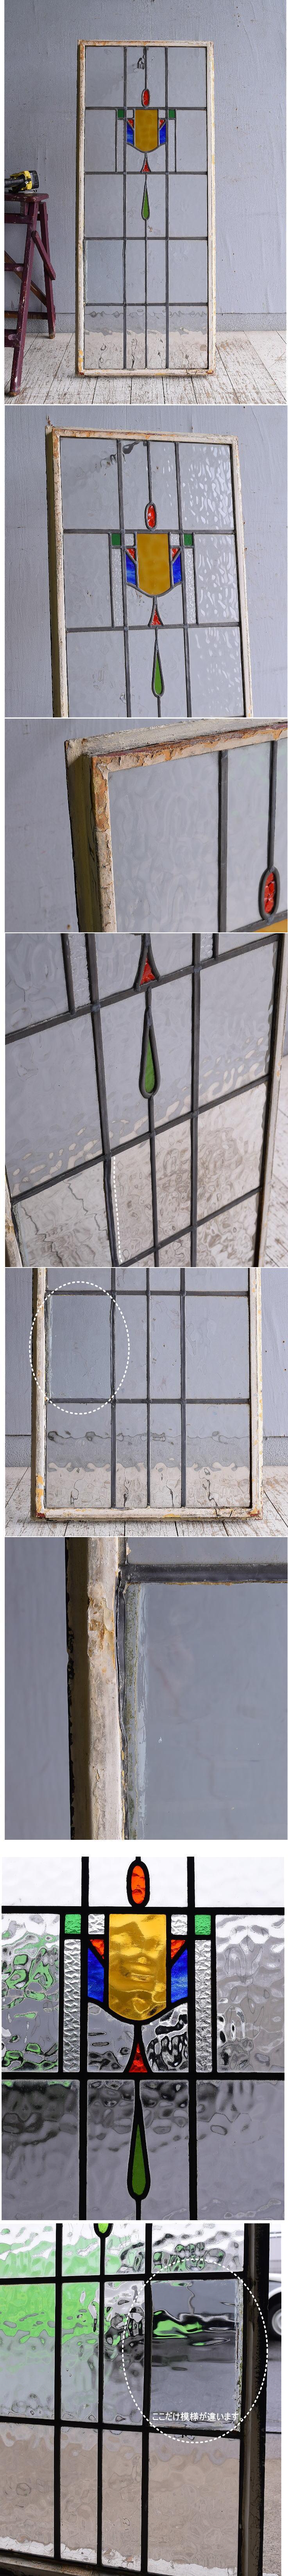 イギリス アンティーク ステンドグラス 幾何学 9329